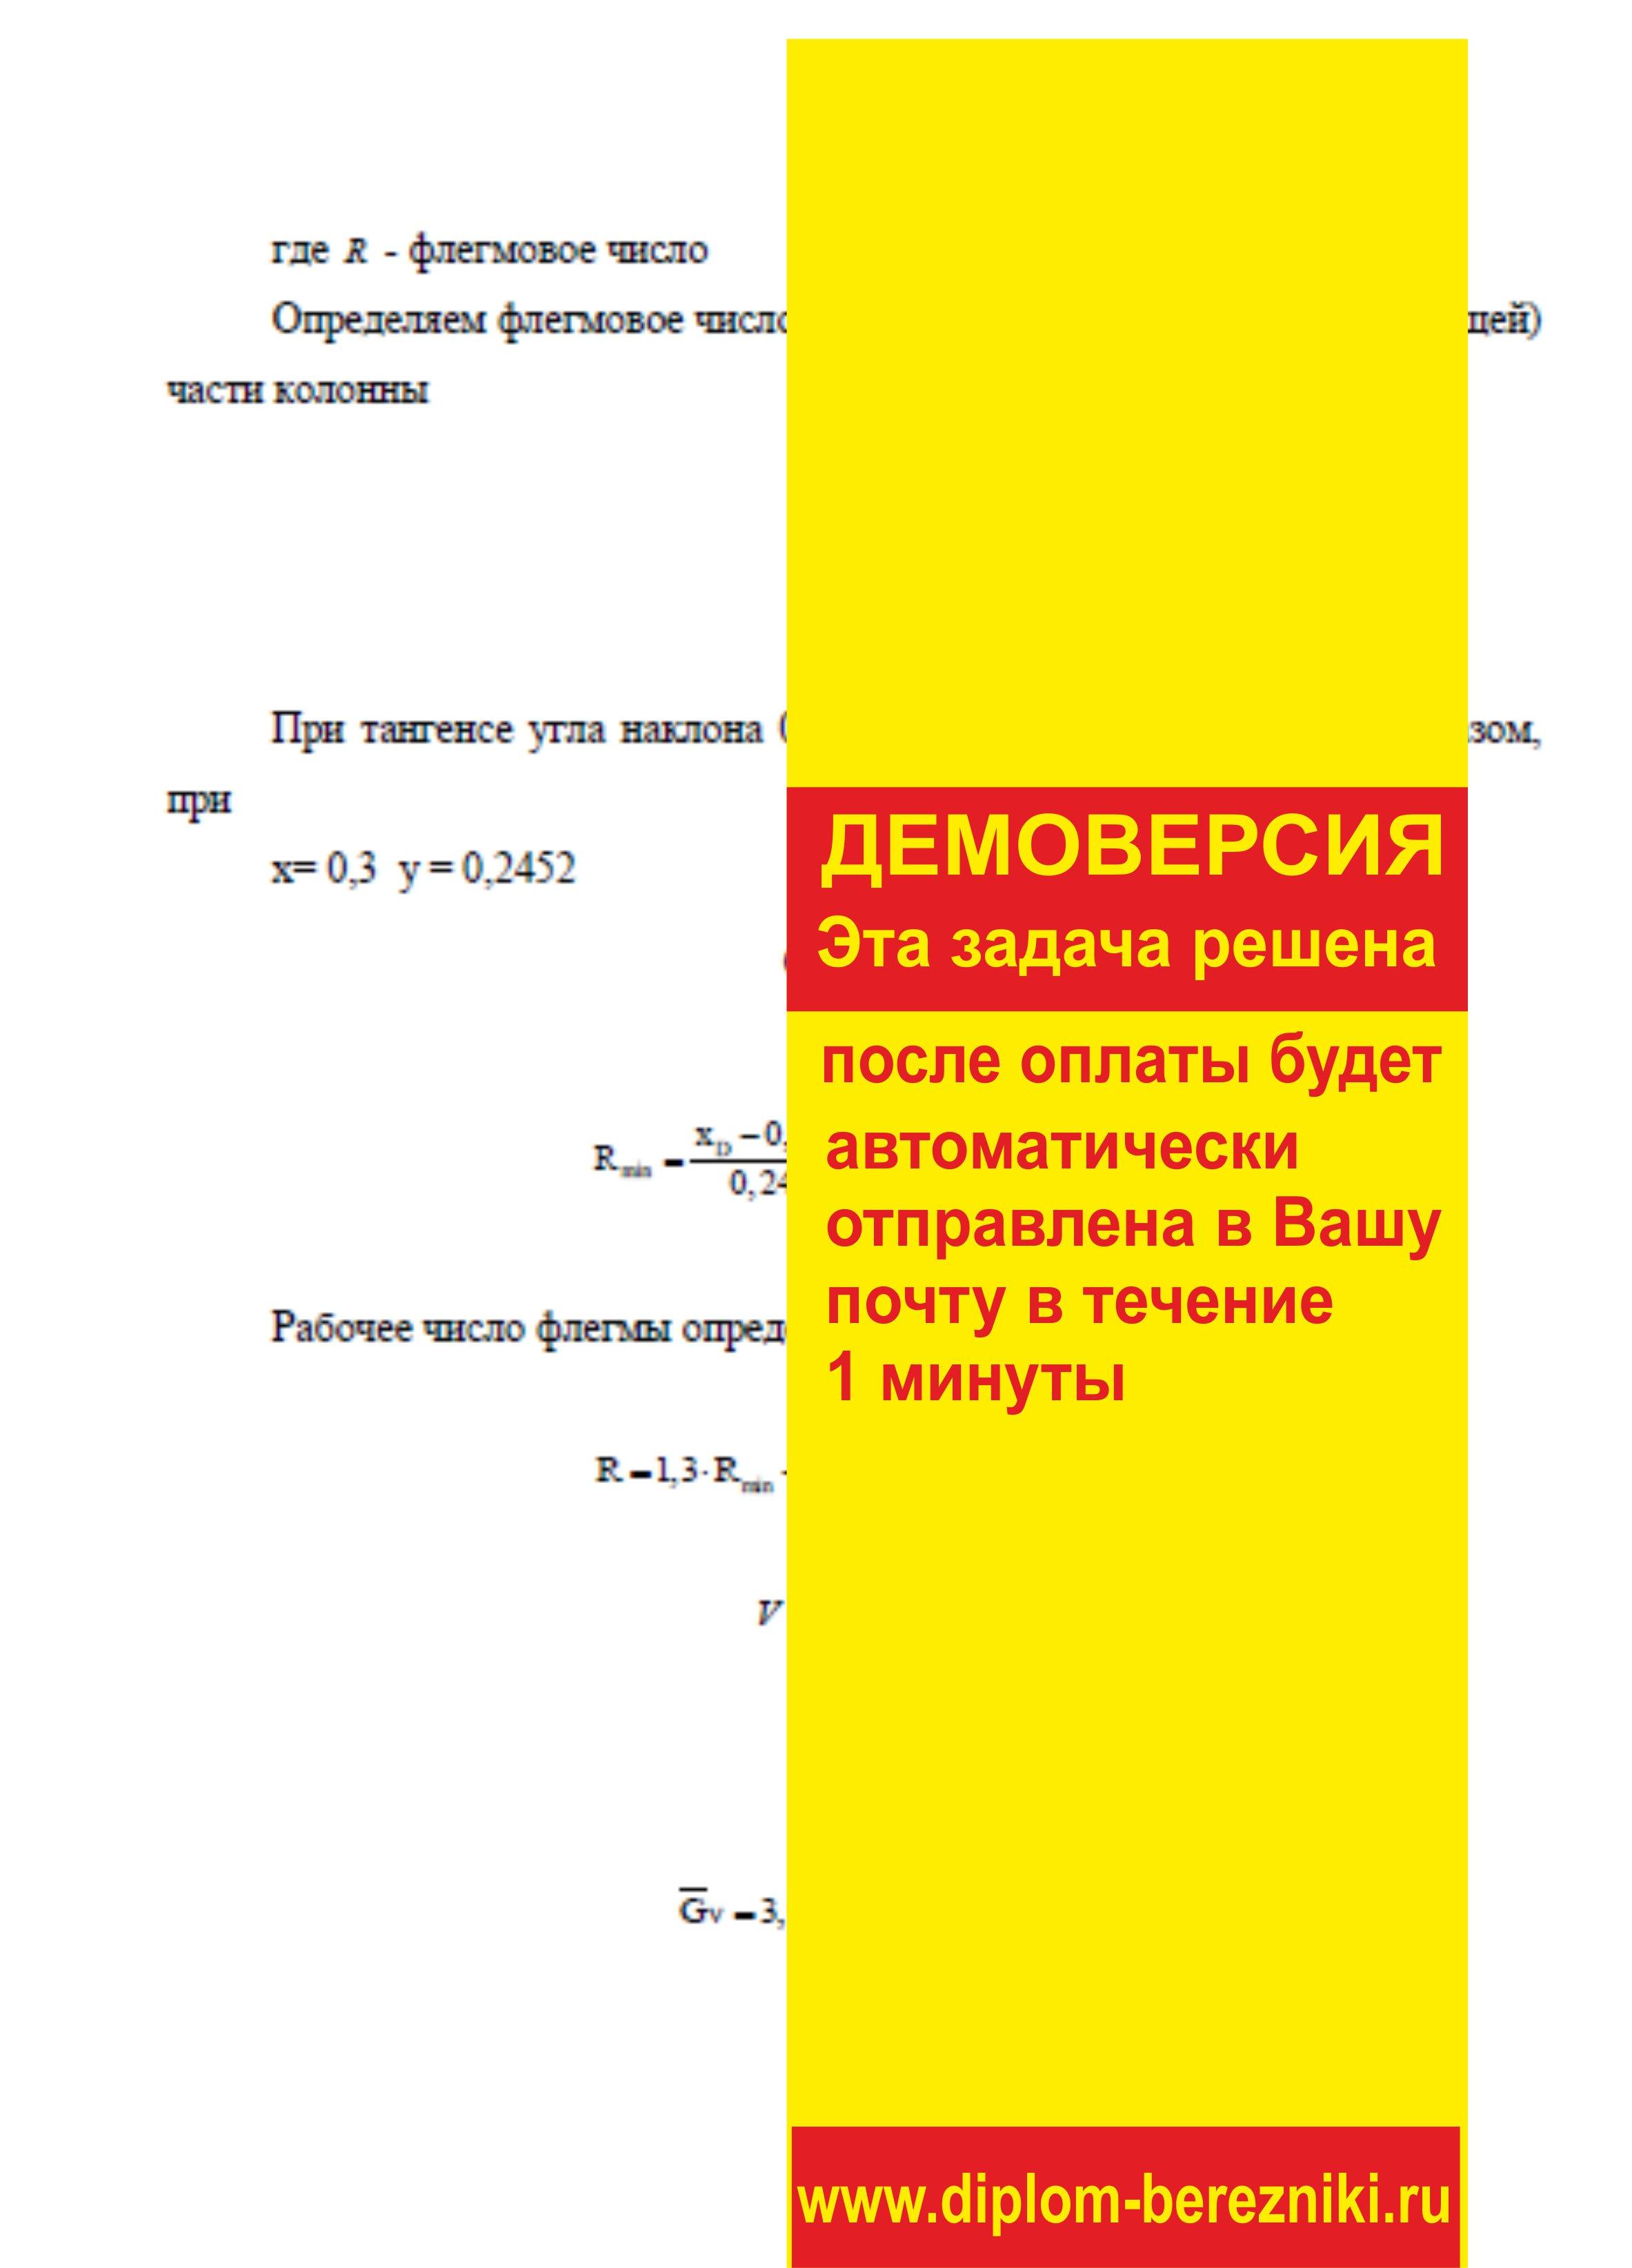 Решение задачи 7.14 по ПАХТ из задачника Павлова Романкова Носкова